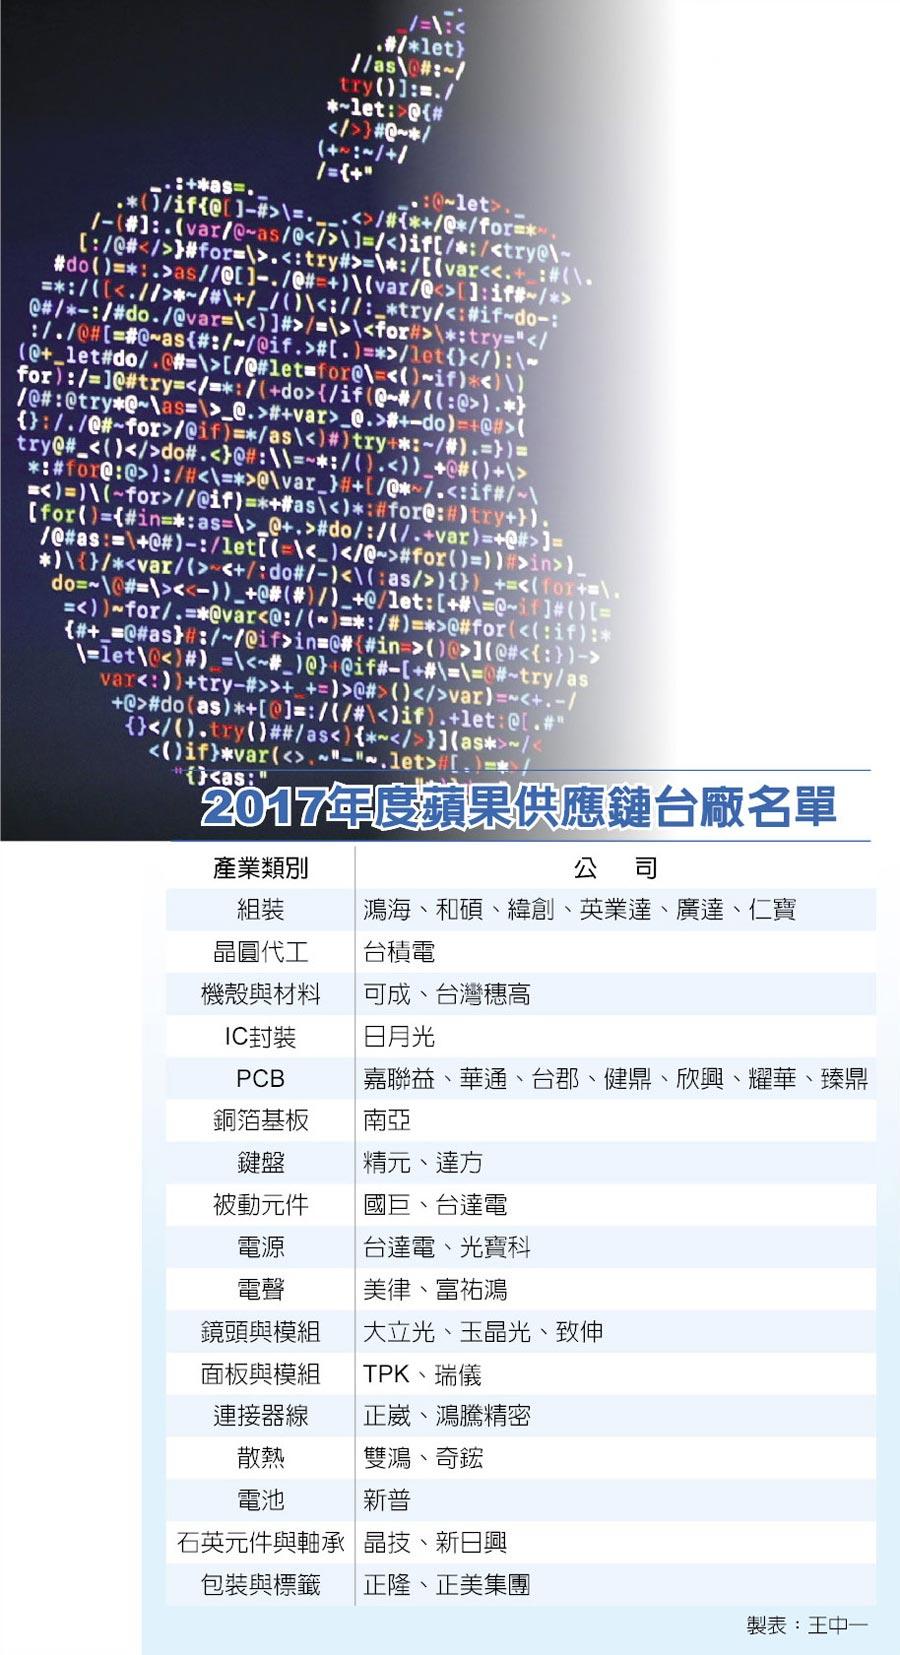 2017年度蘋果供應鏈台廠名單